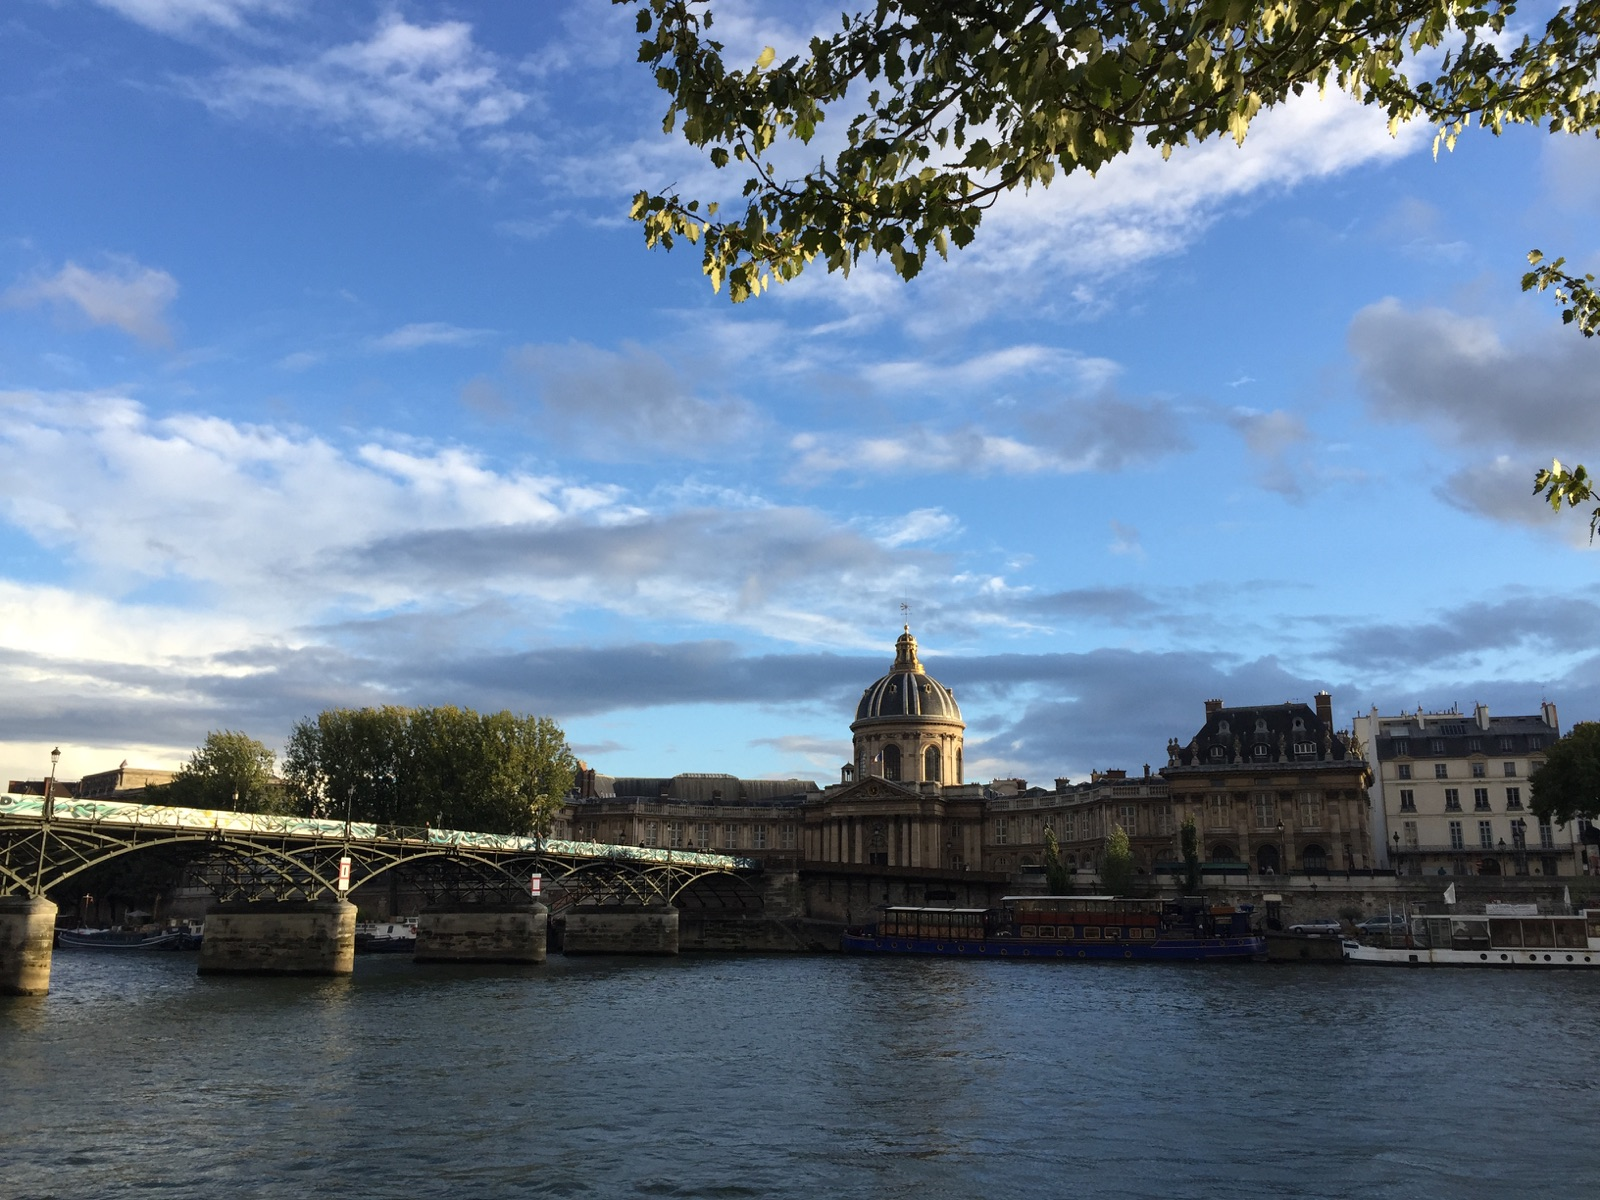 Pont des Arts. Paris, France. © Jewel K. Goode. 2015. All Rights Reserved.